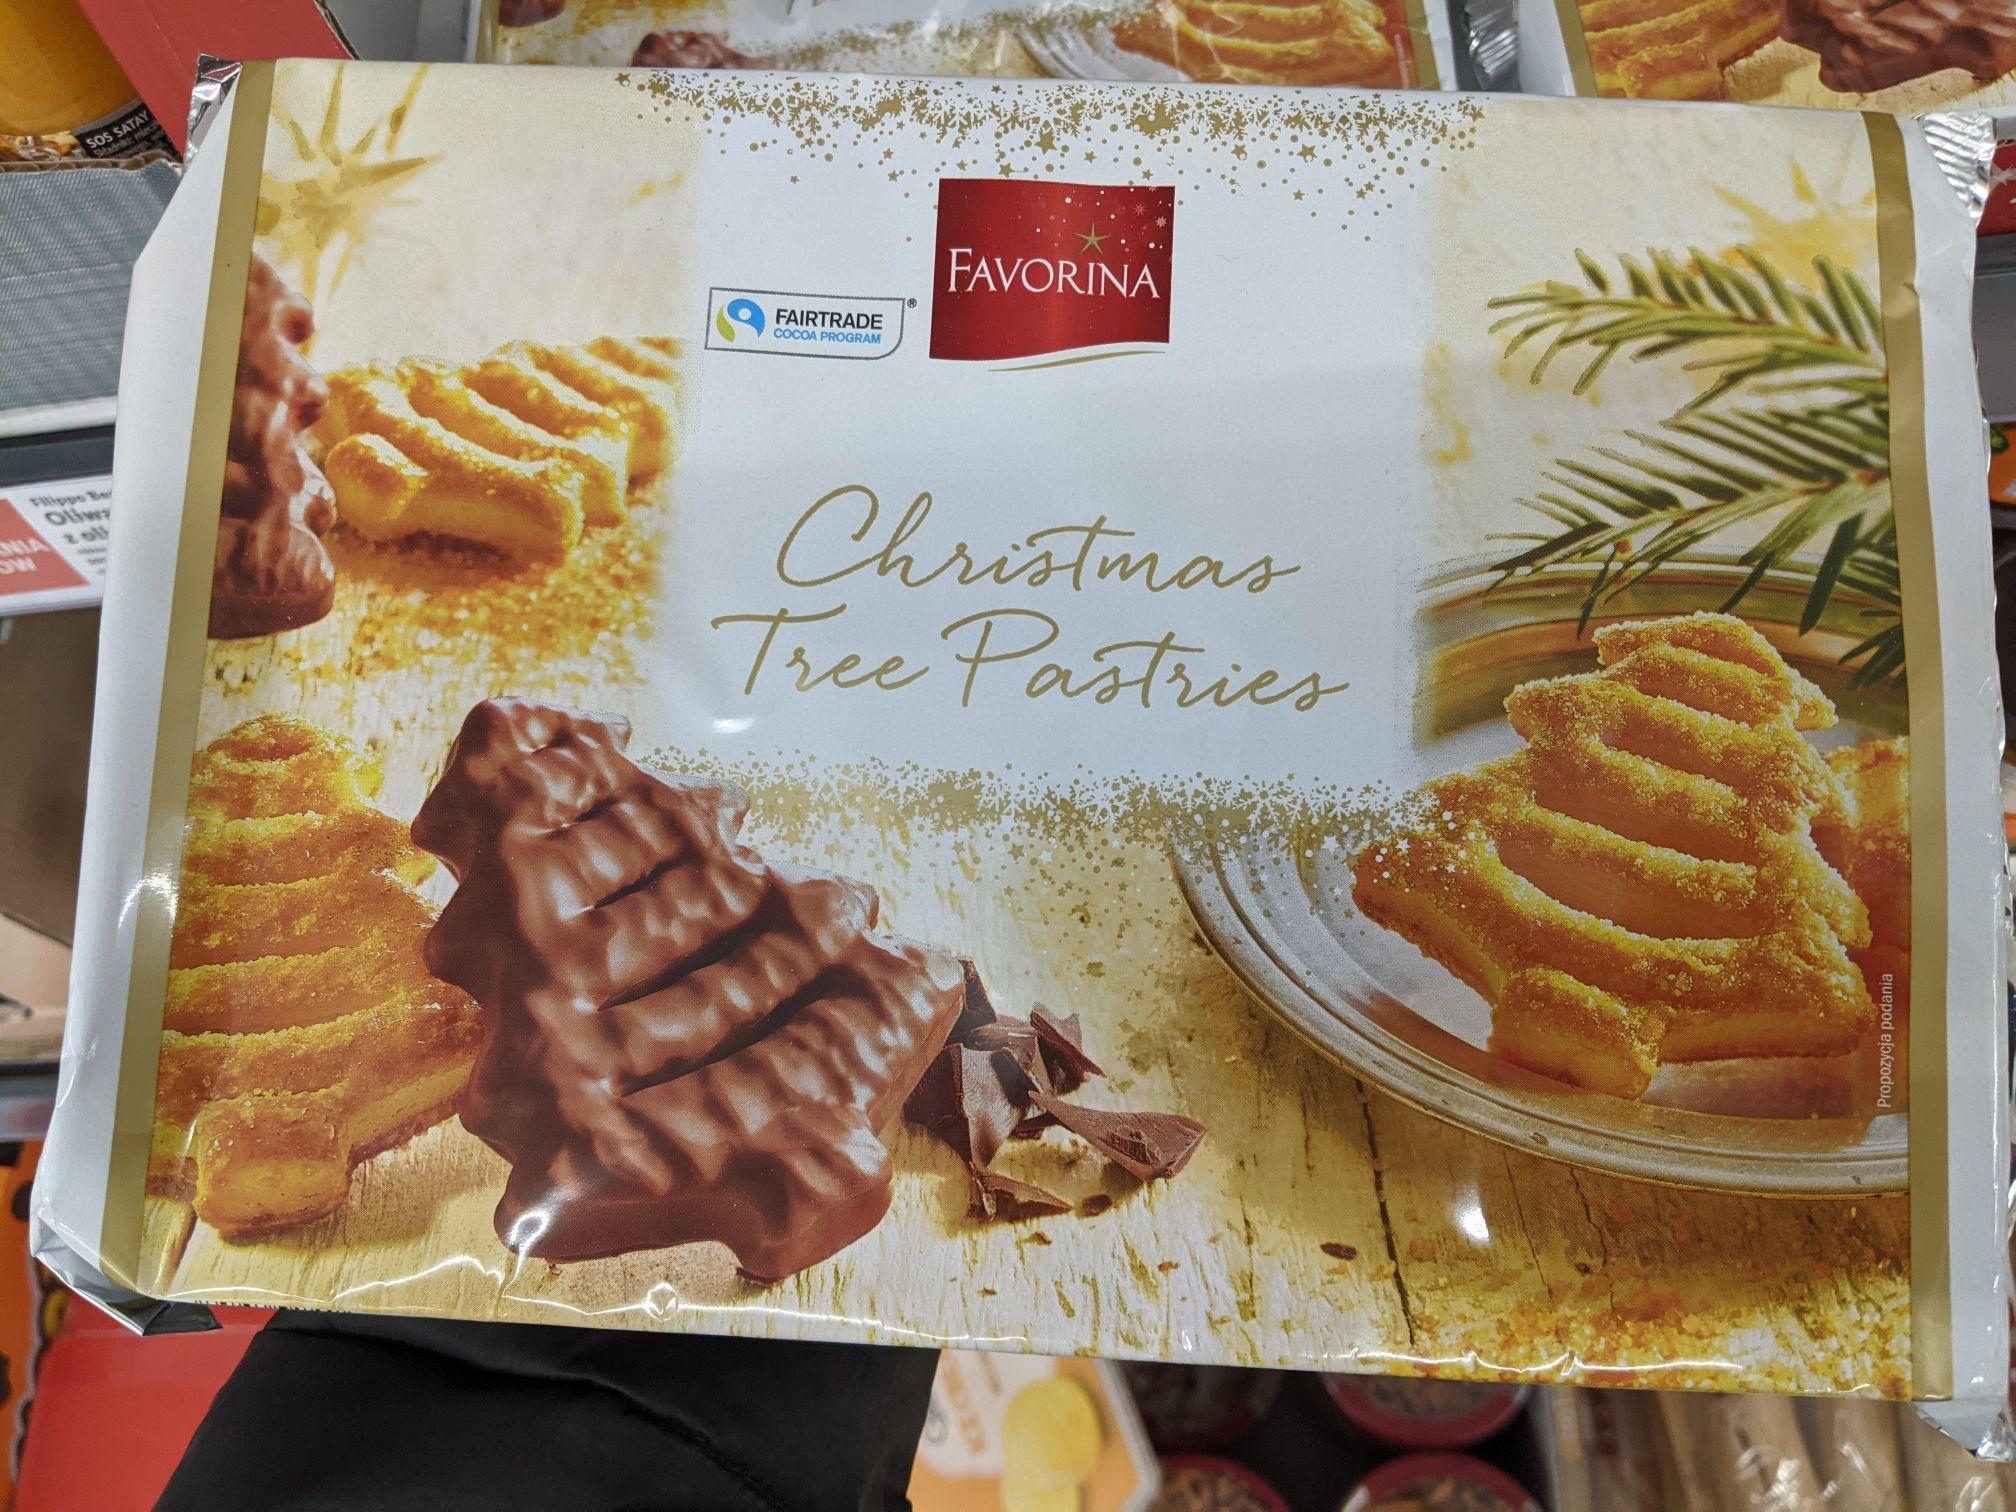 Maślane choinki z ciasta francuskiego, częściowo pokryte mleczną czekoladą 27% FAVORINA. Lidl Katowice